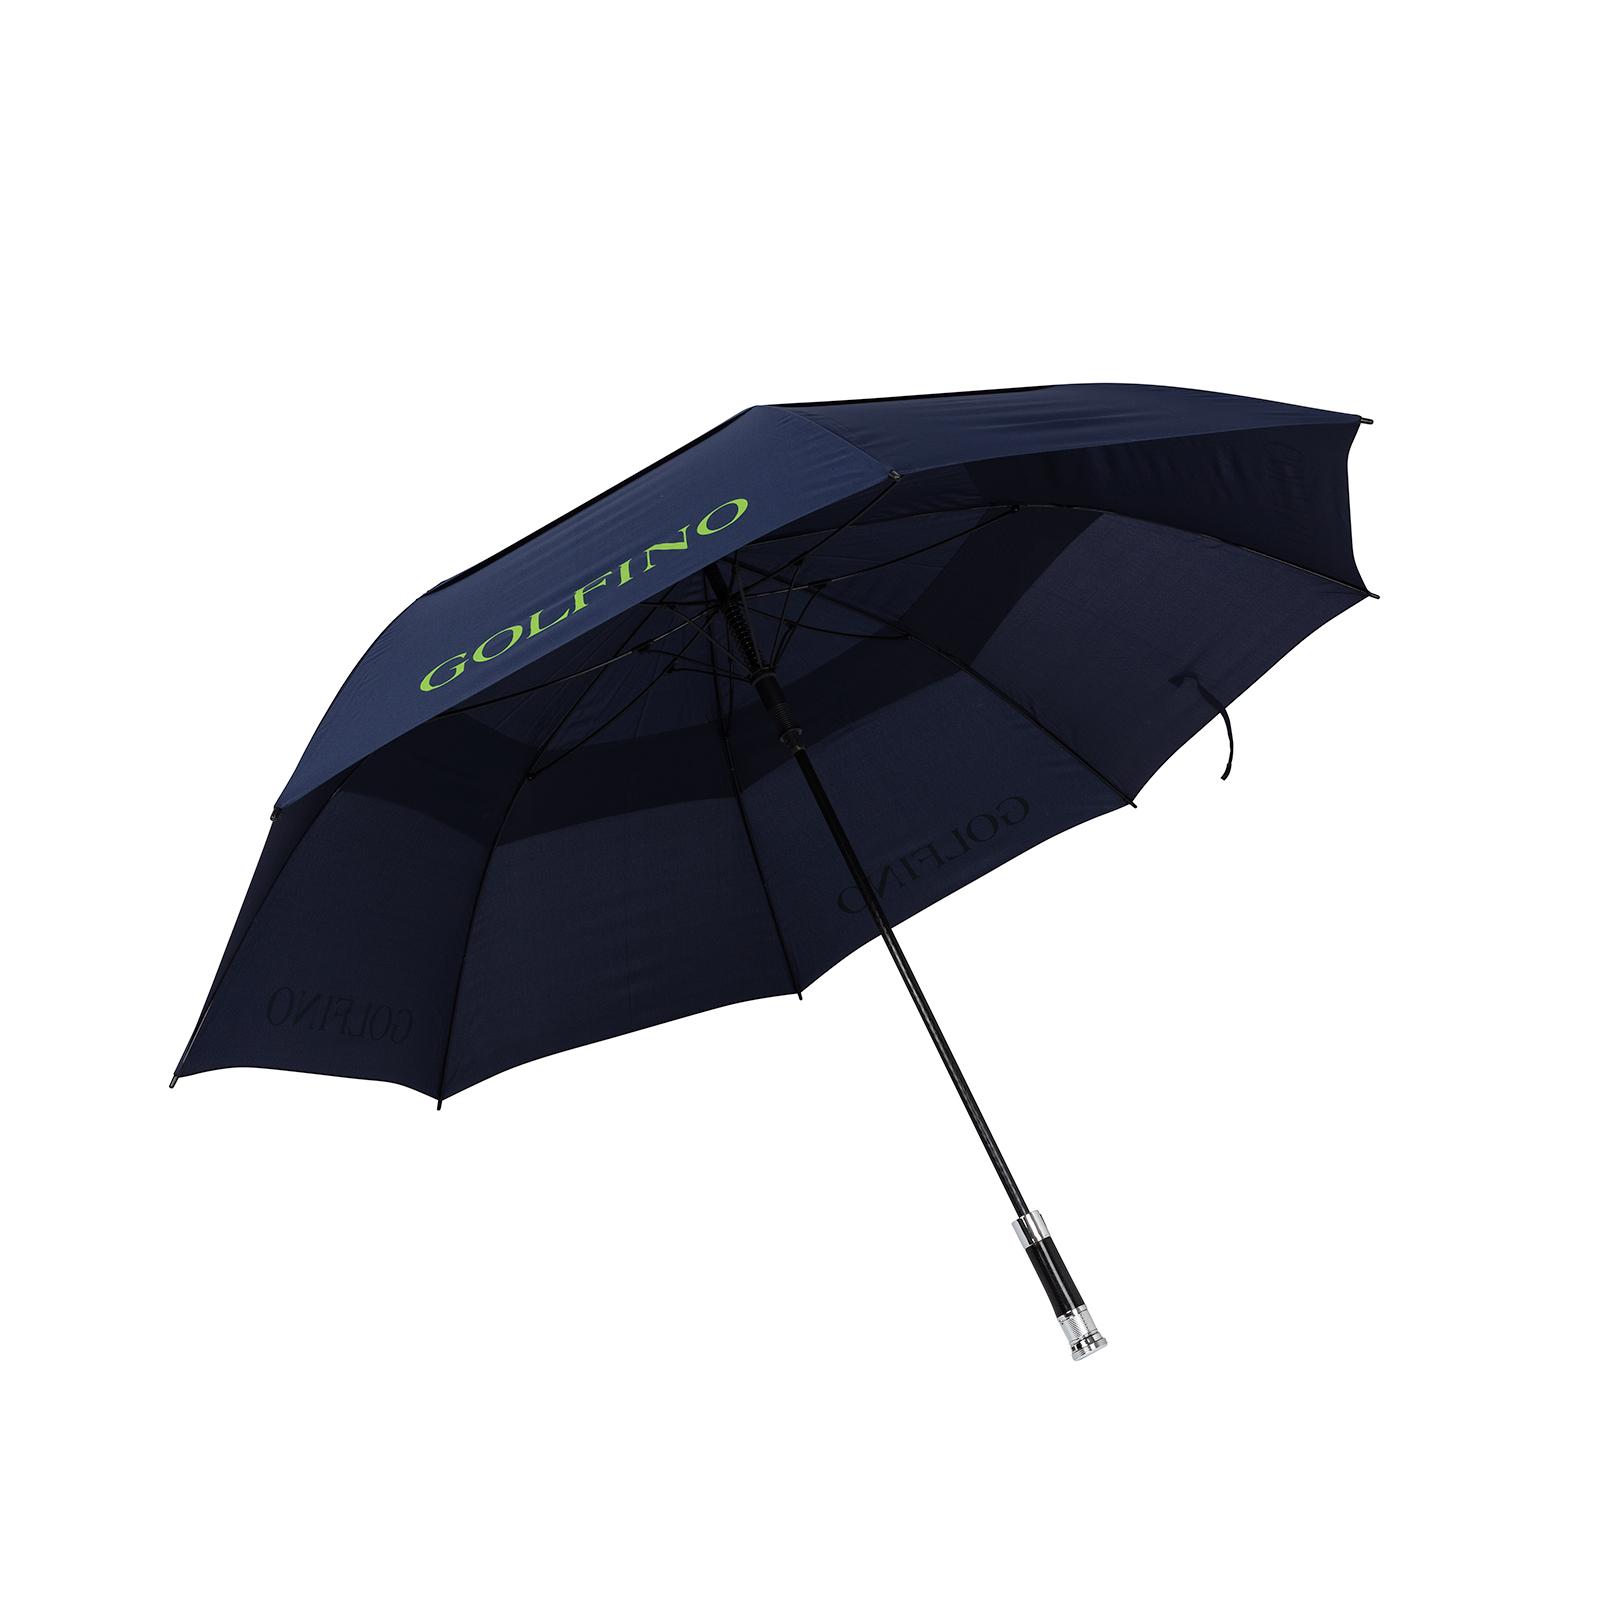 Golfschirm 150 cm für Regen- und Sonnenschutz